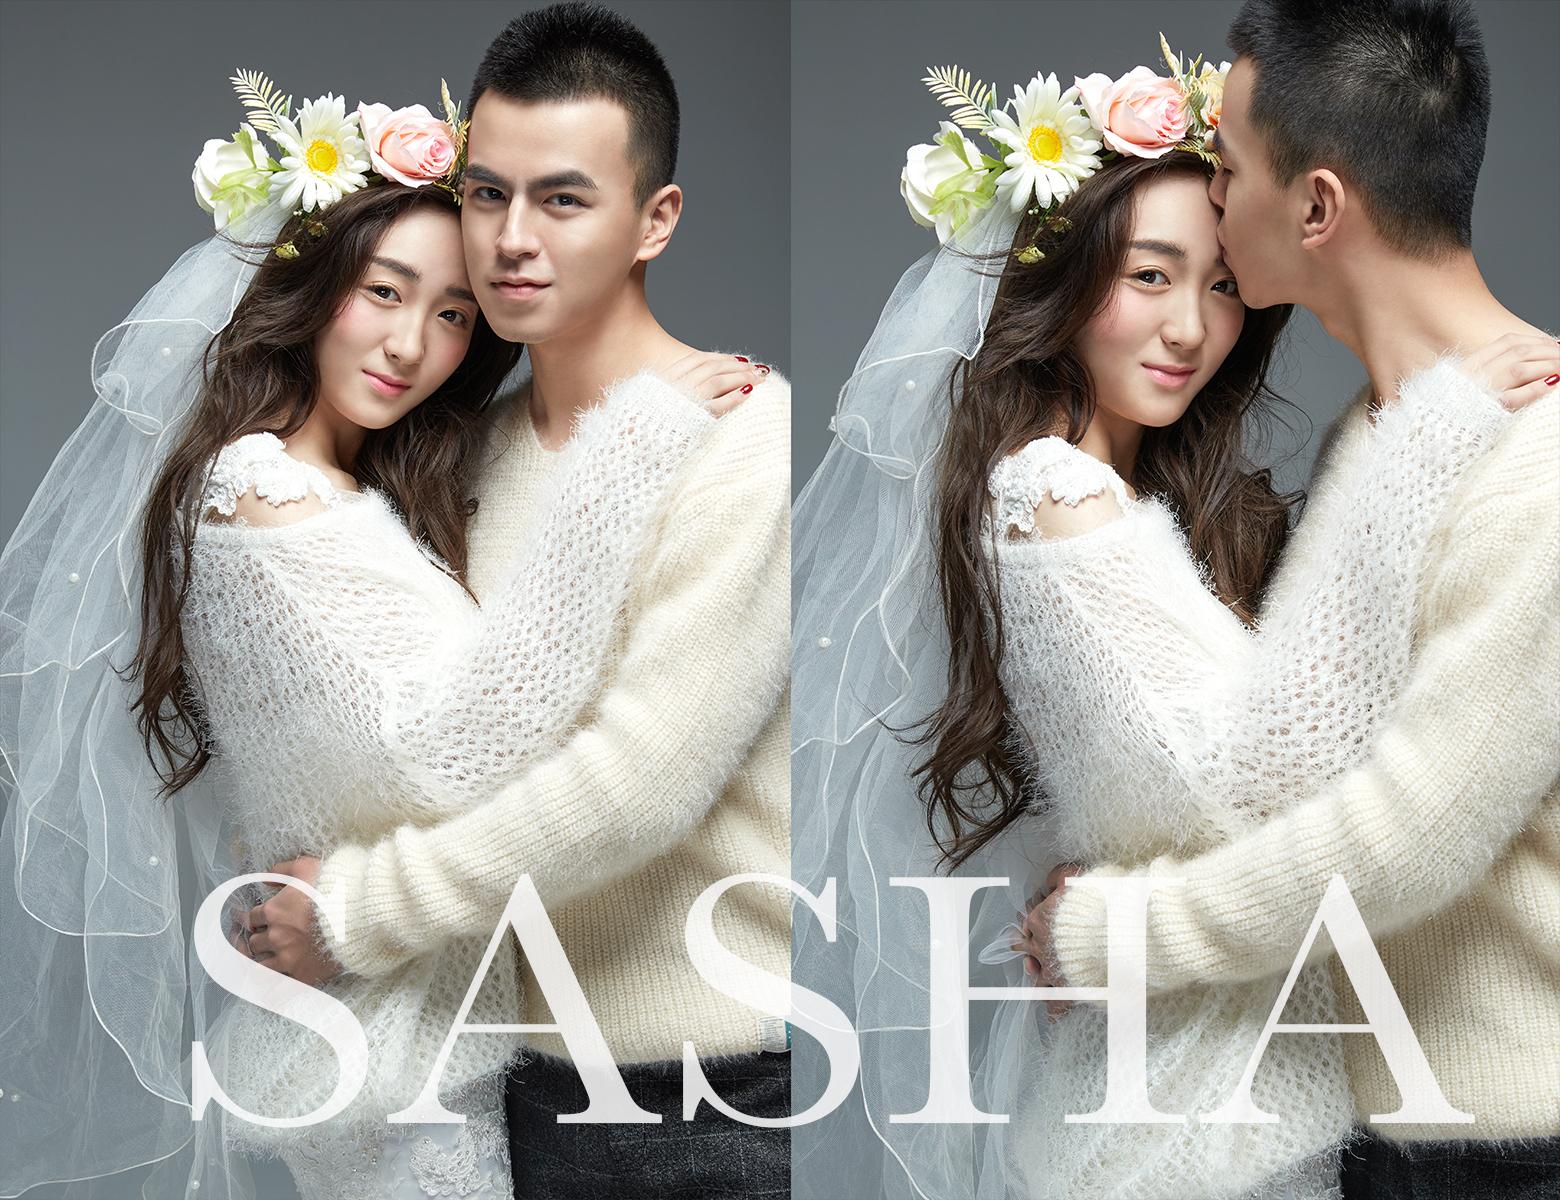 SASHA VISION_09